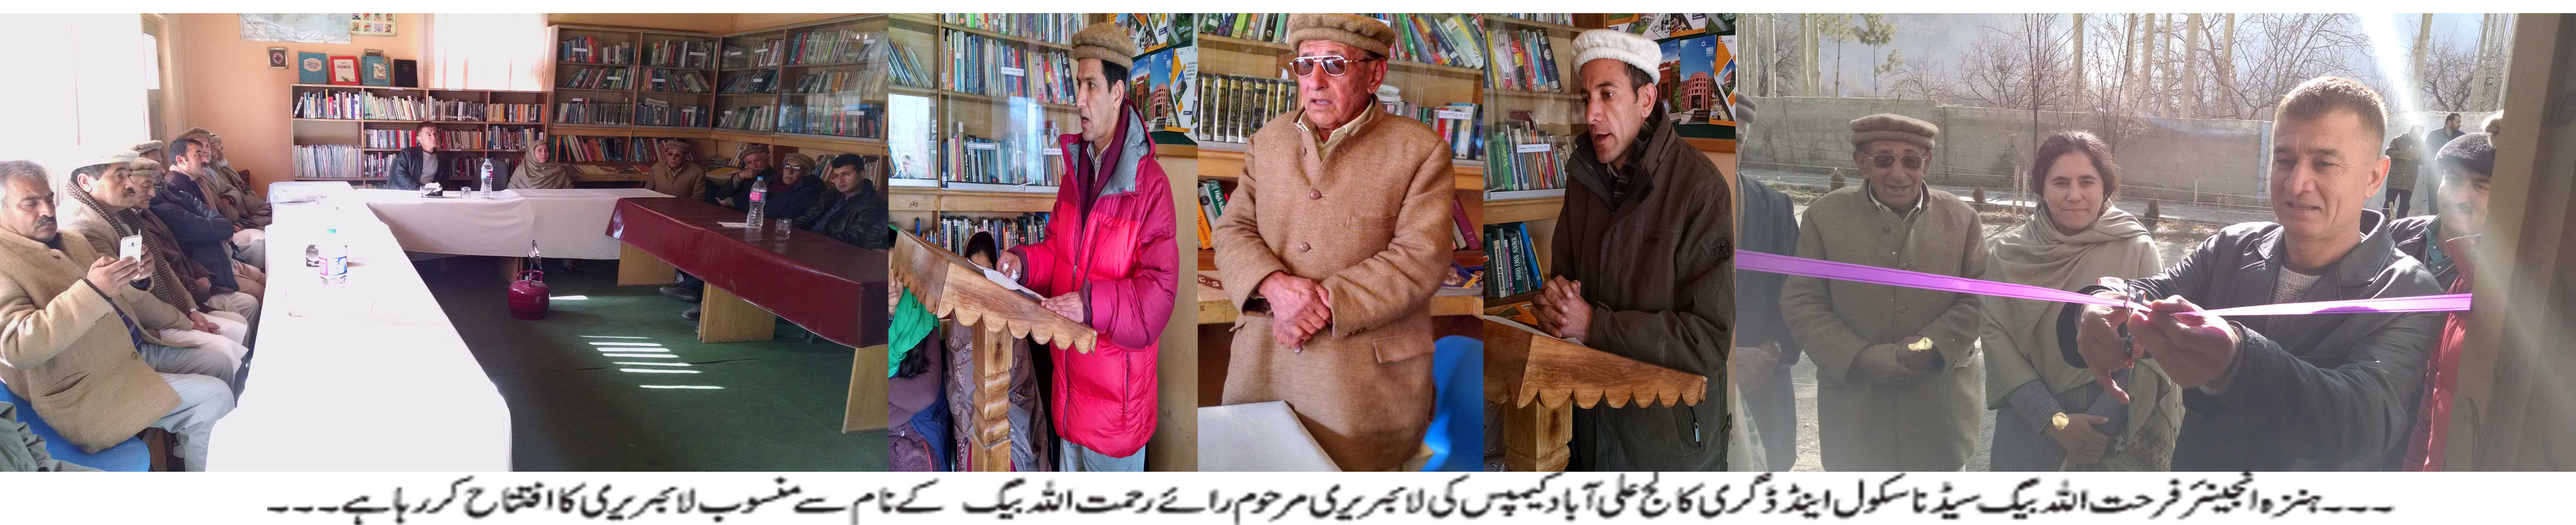 ہنزہ سیڈنا سکول اینڈ ڈگری کالج علی آباد کیمپس کی لائبریری مرحوم رائے رحمت اللہ بیگ کے نا م سے منسو ب کر دی گئی۔